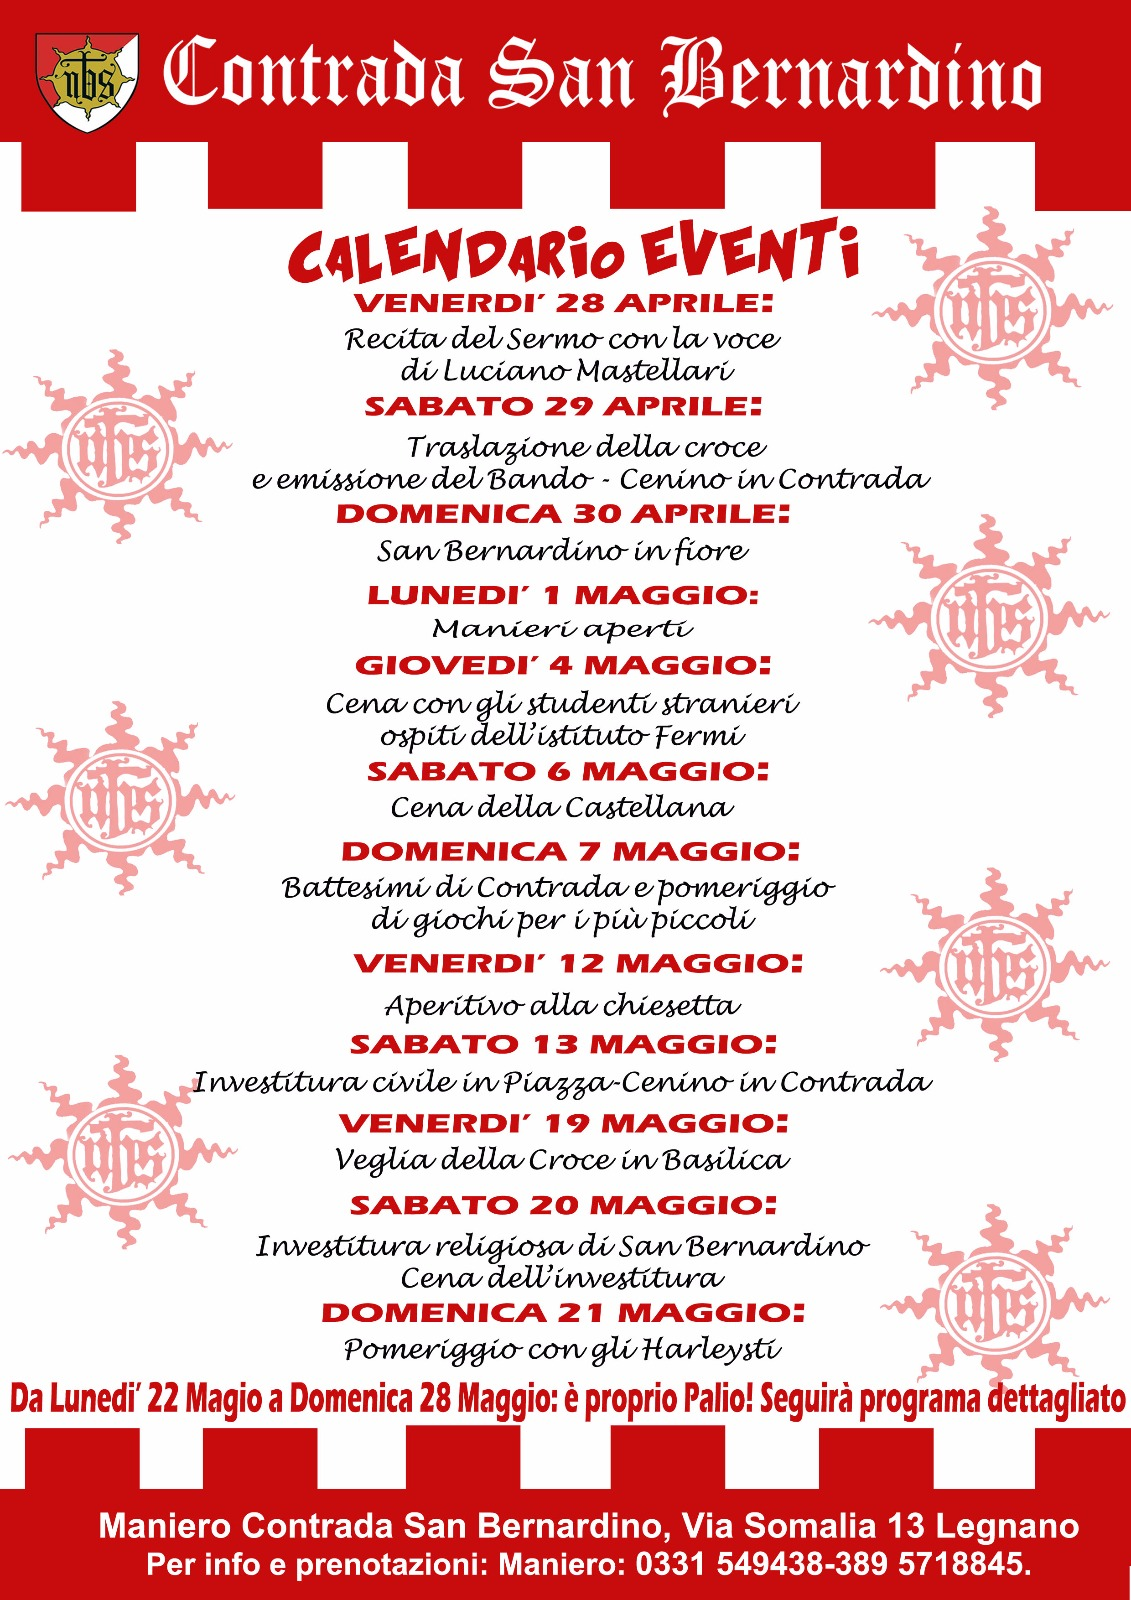 CalendarioNBS_1